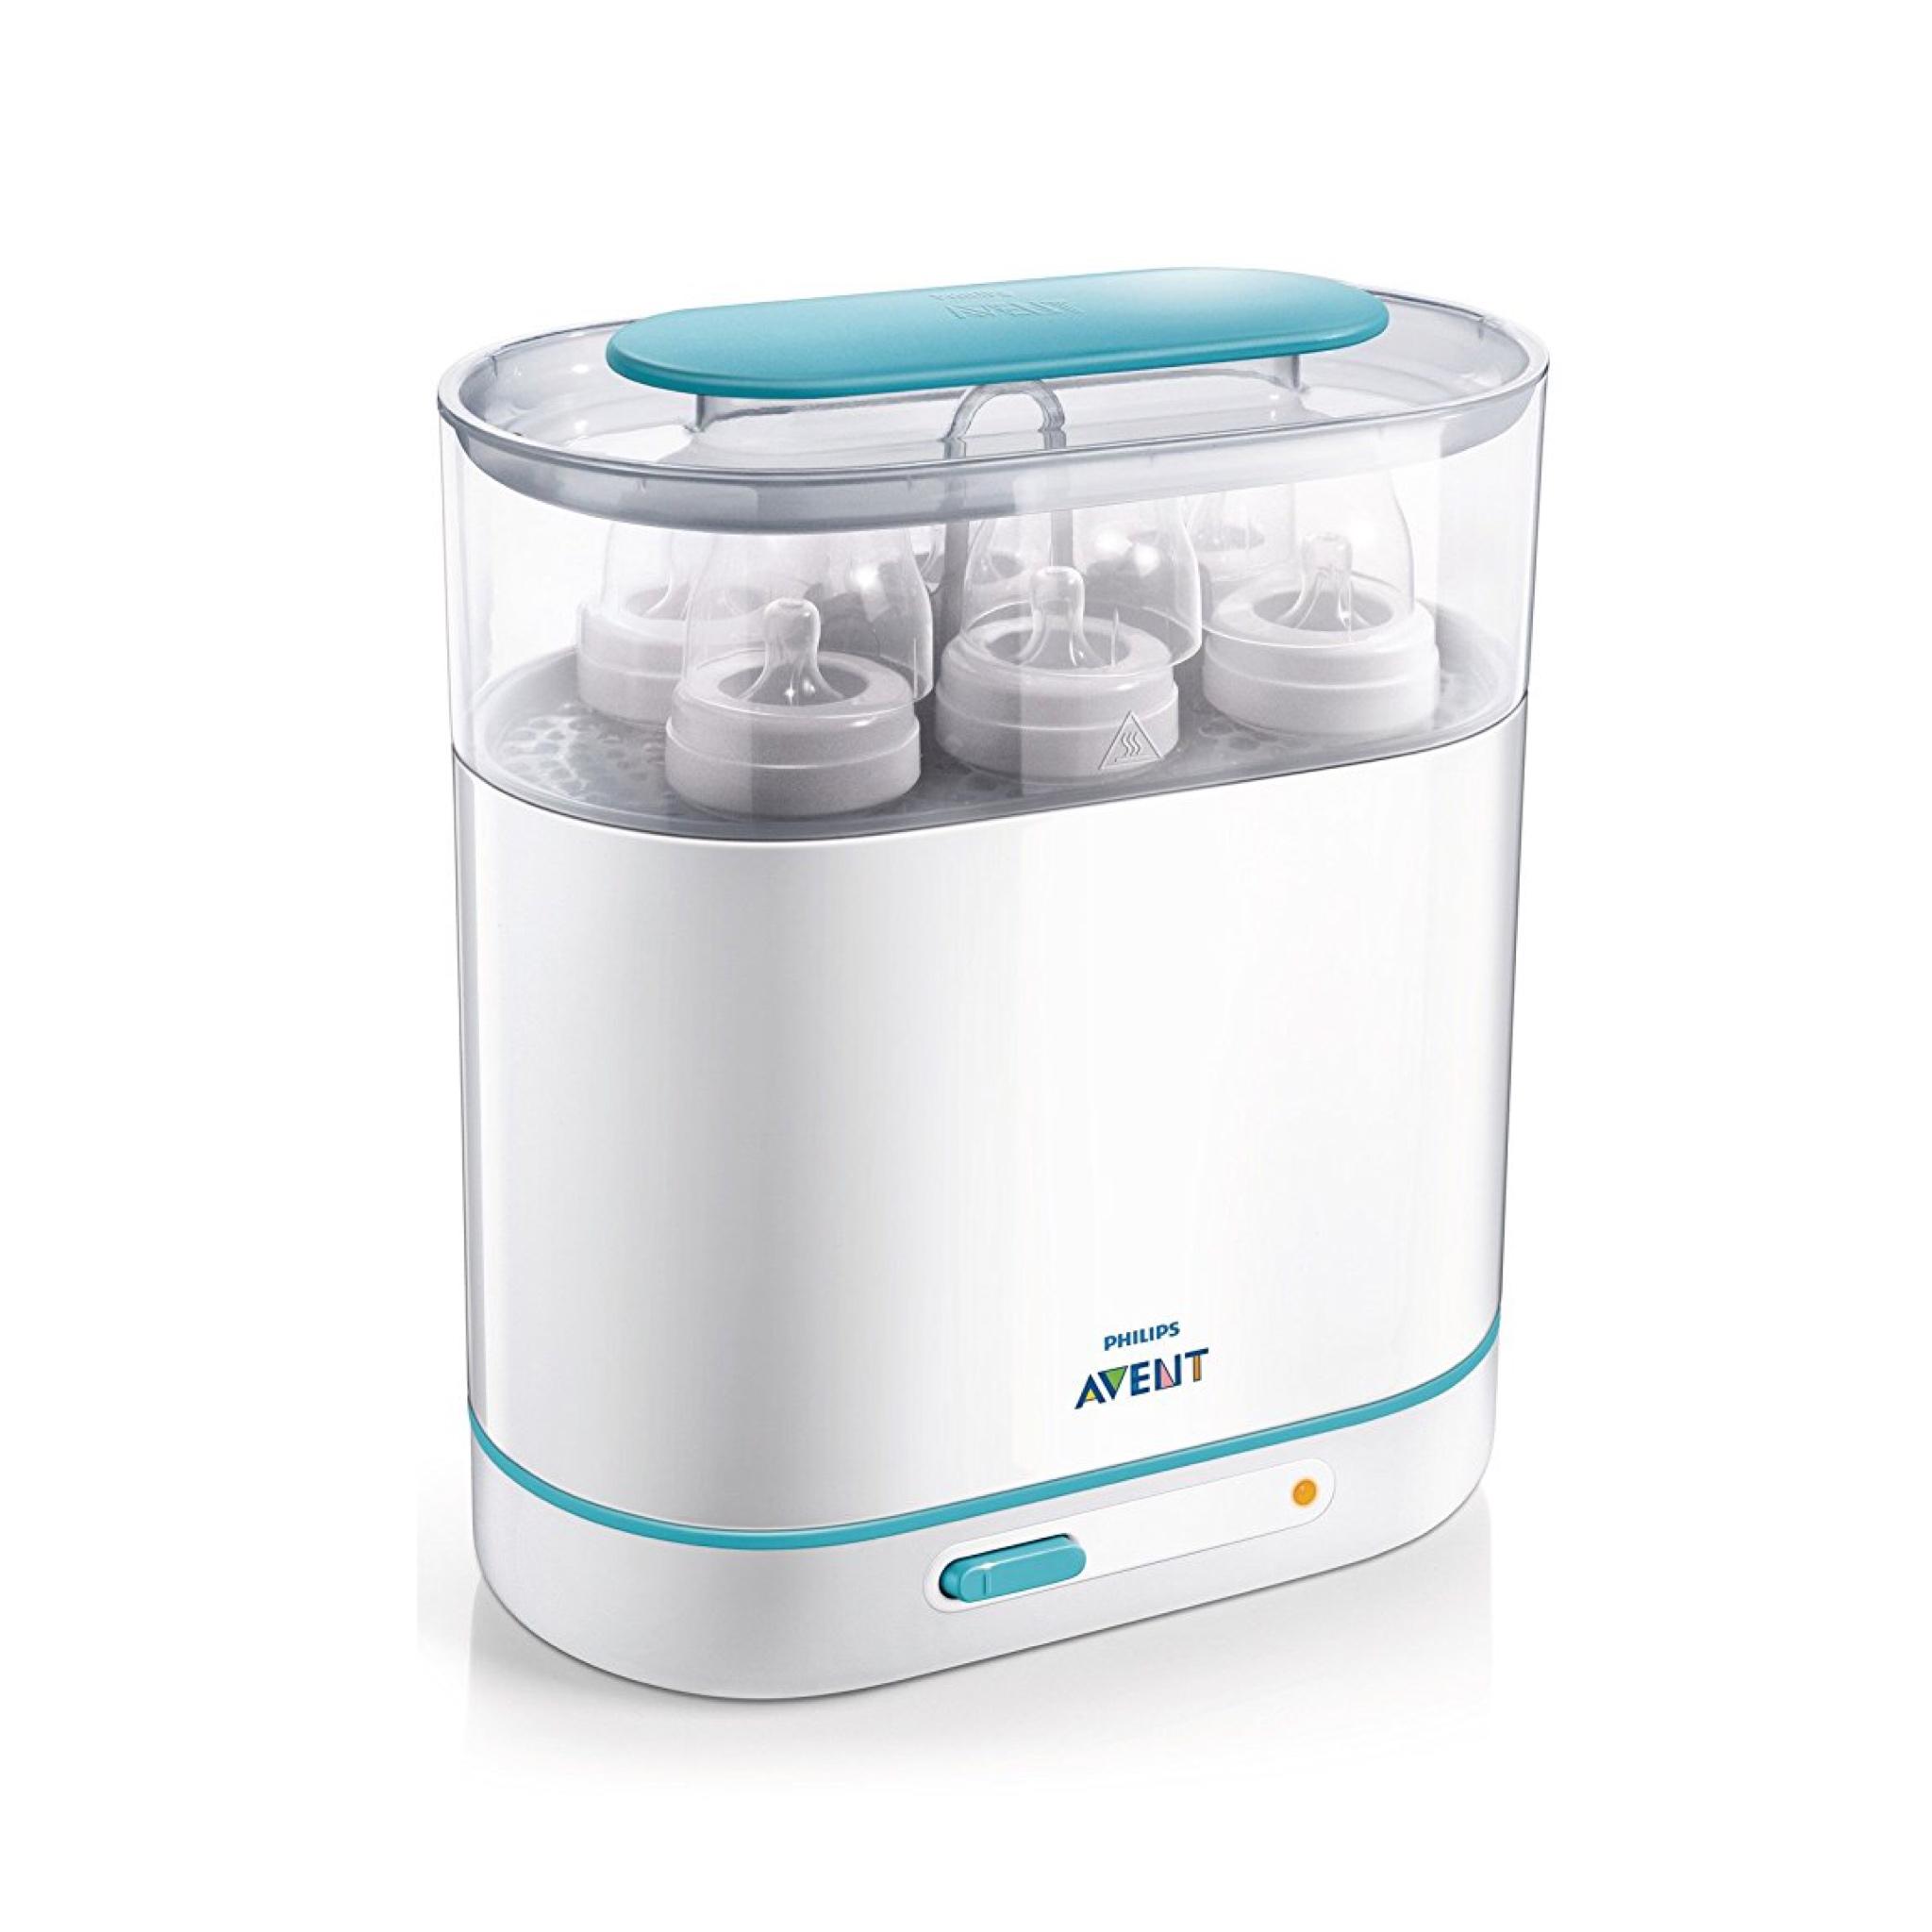 Avent 2 in 1 Steam Baby Bottle Steriliser